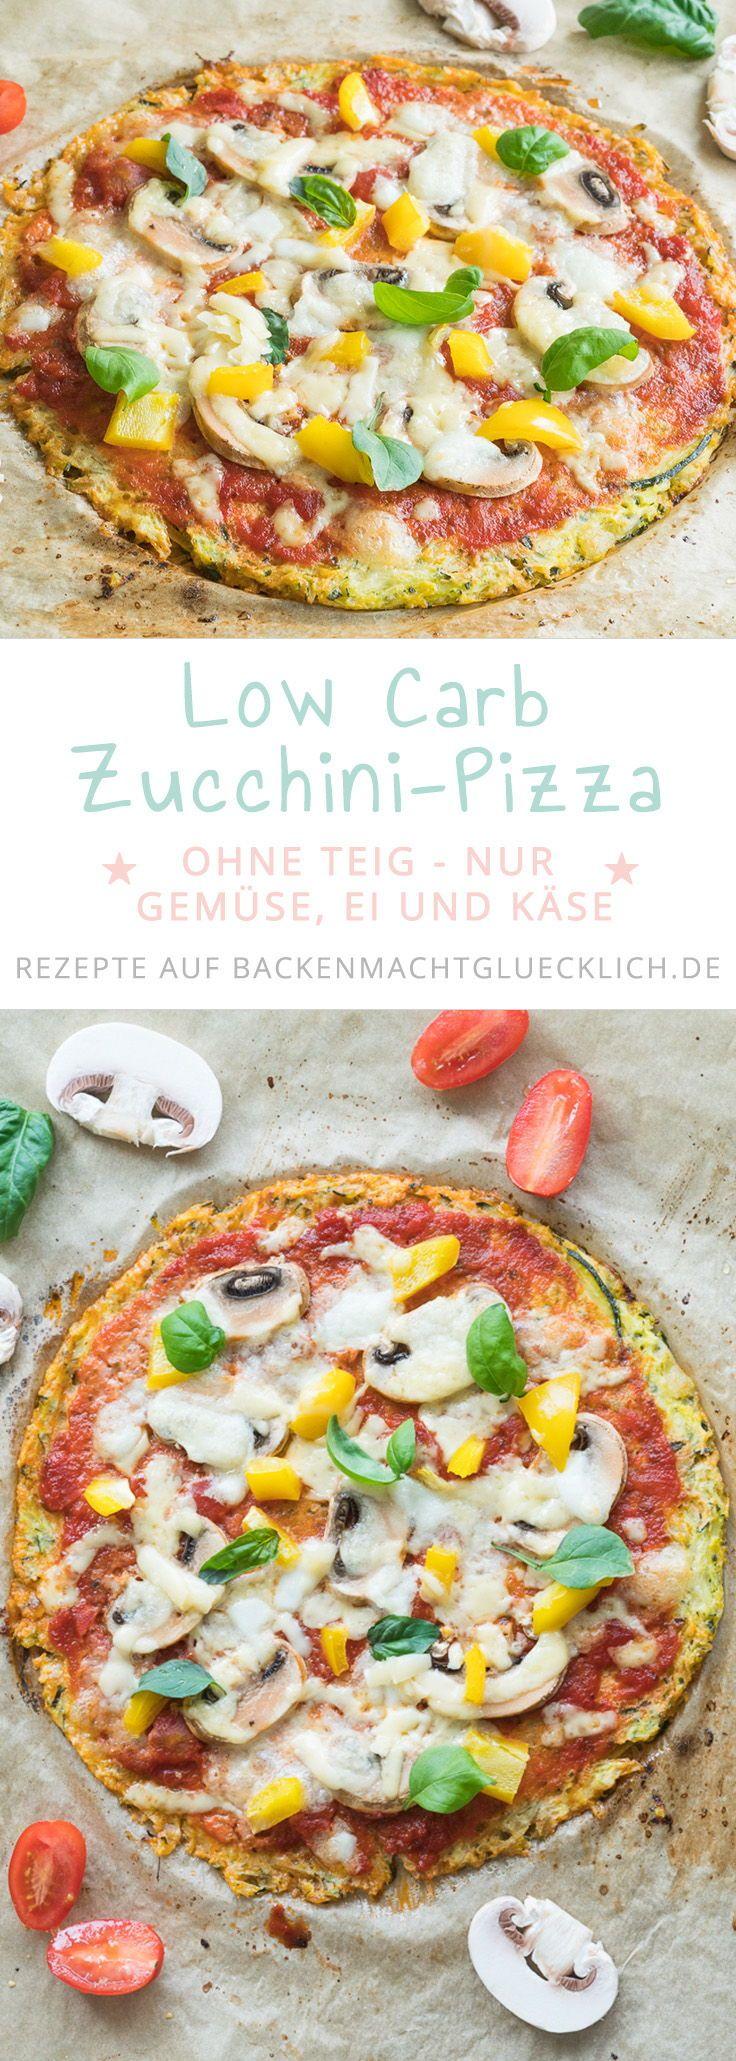 Low Carb Zucchini-Pizza ohne Teig | Backen macht glücklich